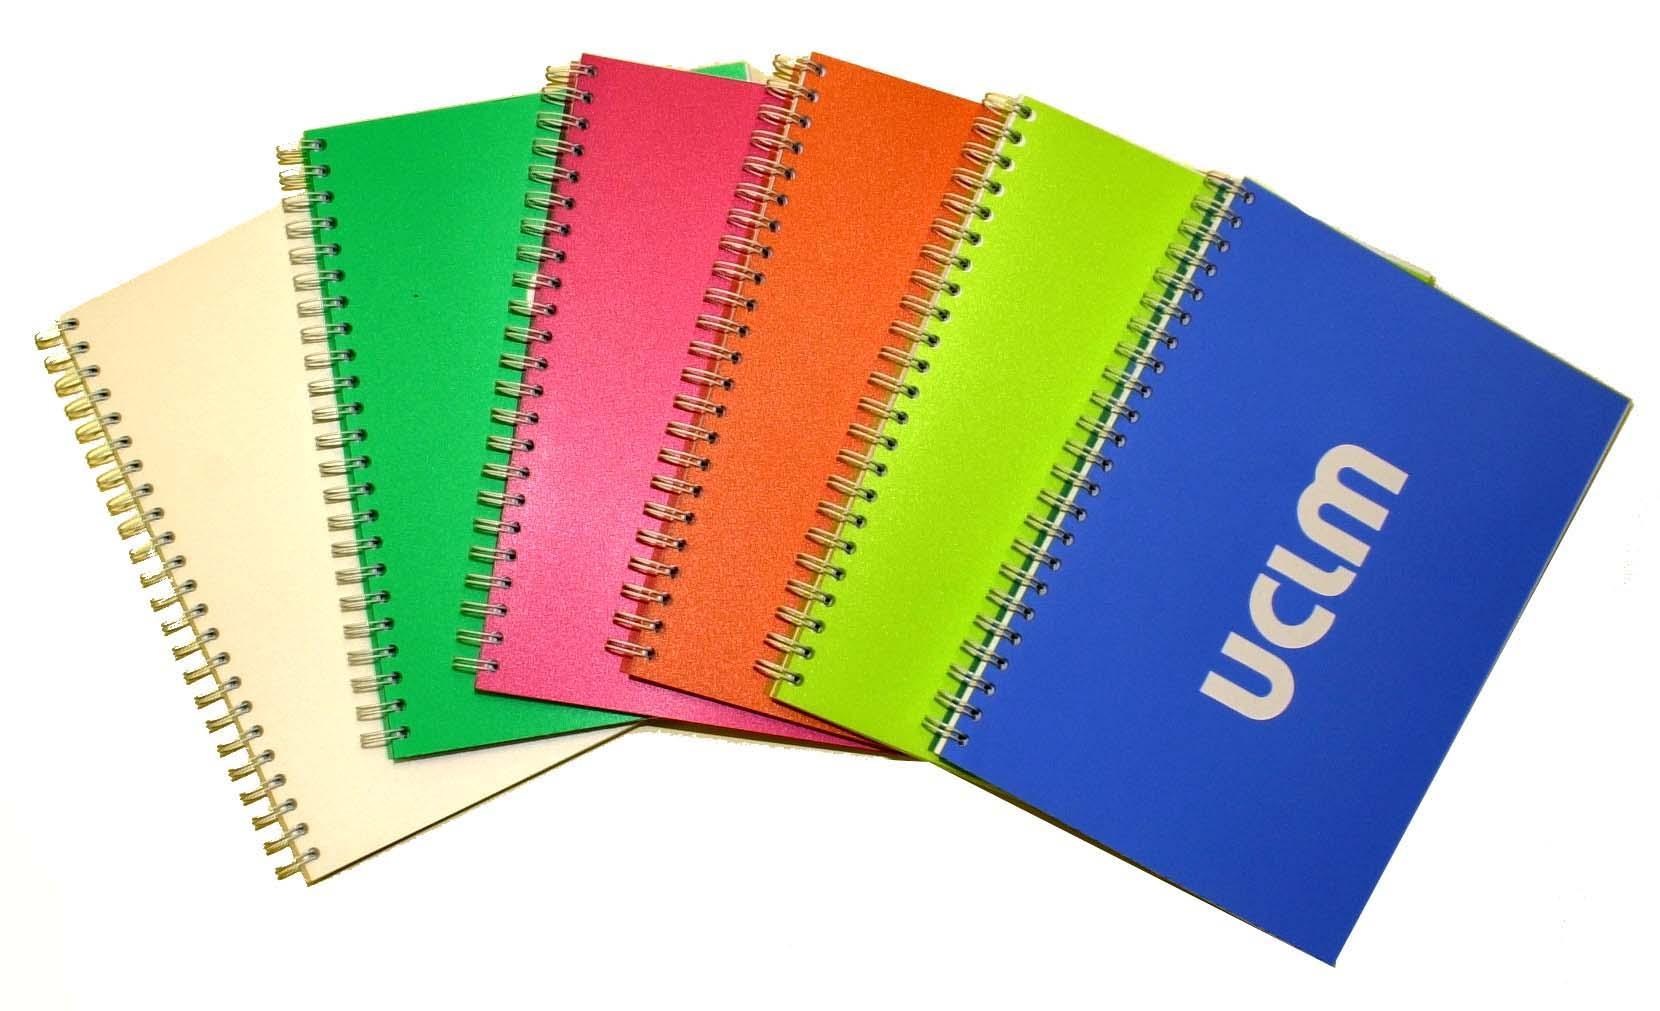 Cuadernos | Corporación 511